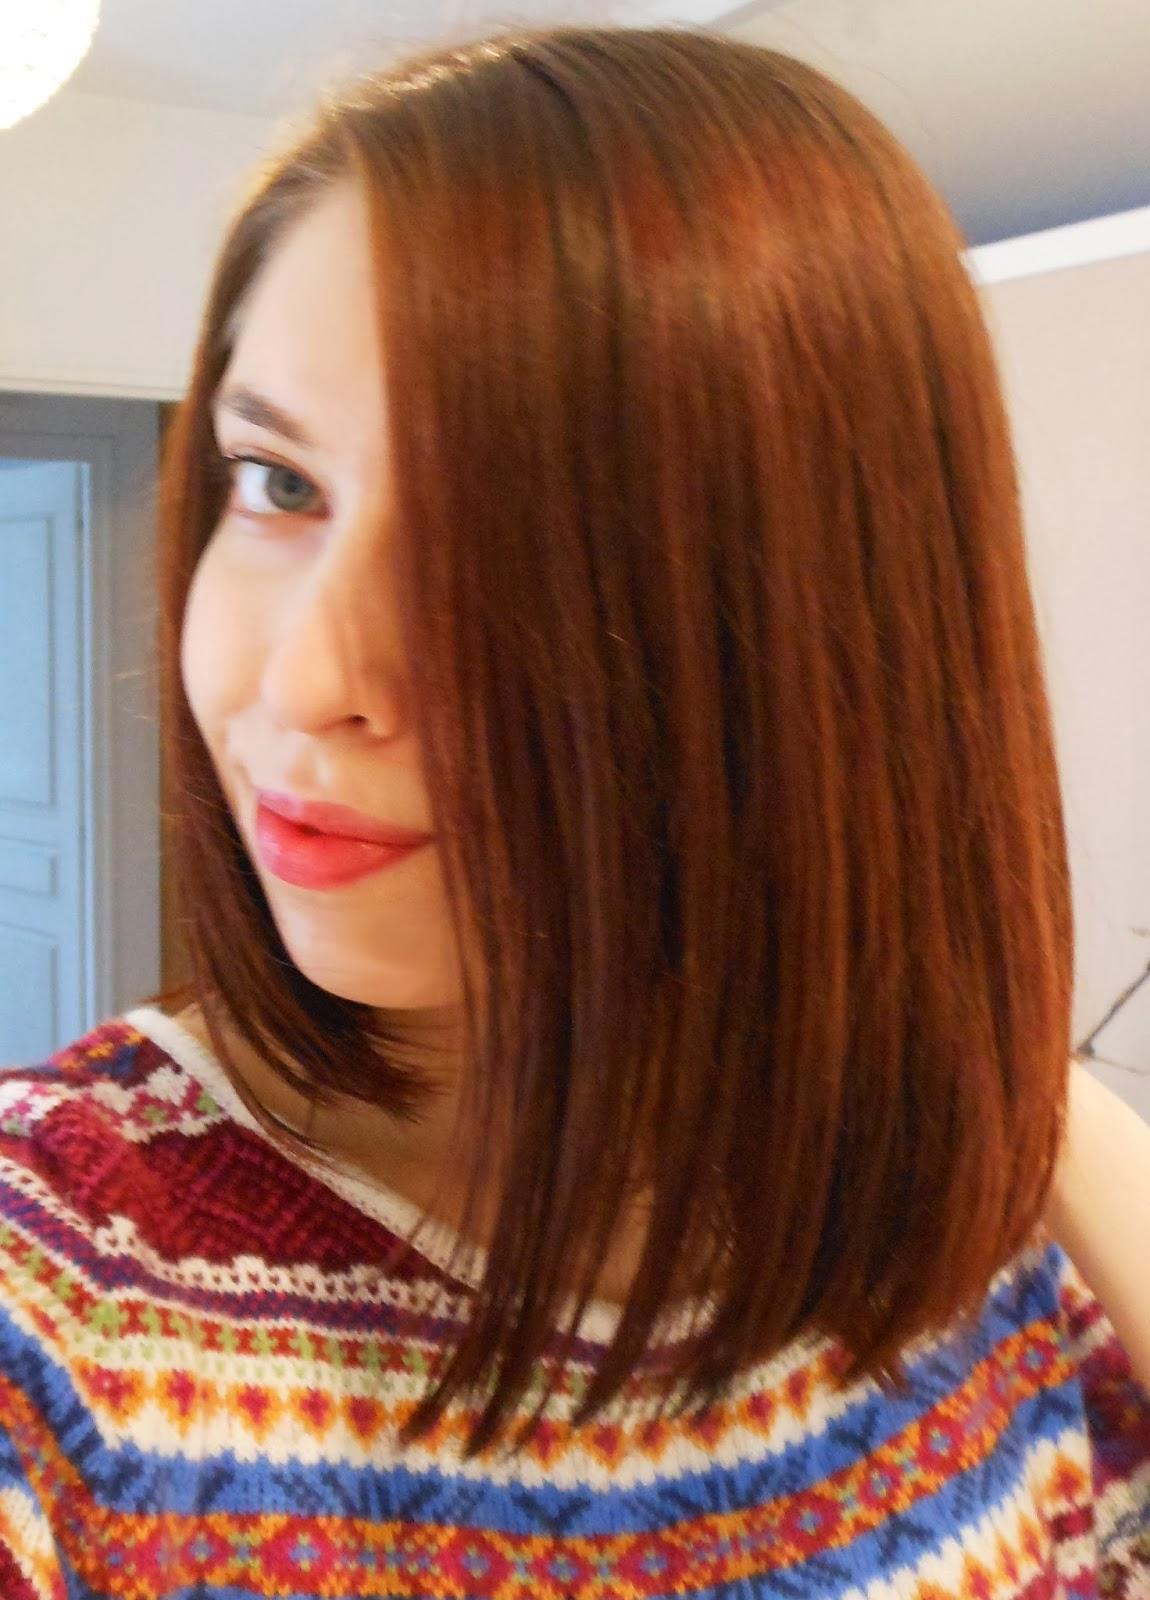 Huile pour enlever coloration cheveux